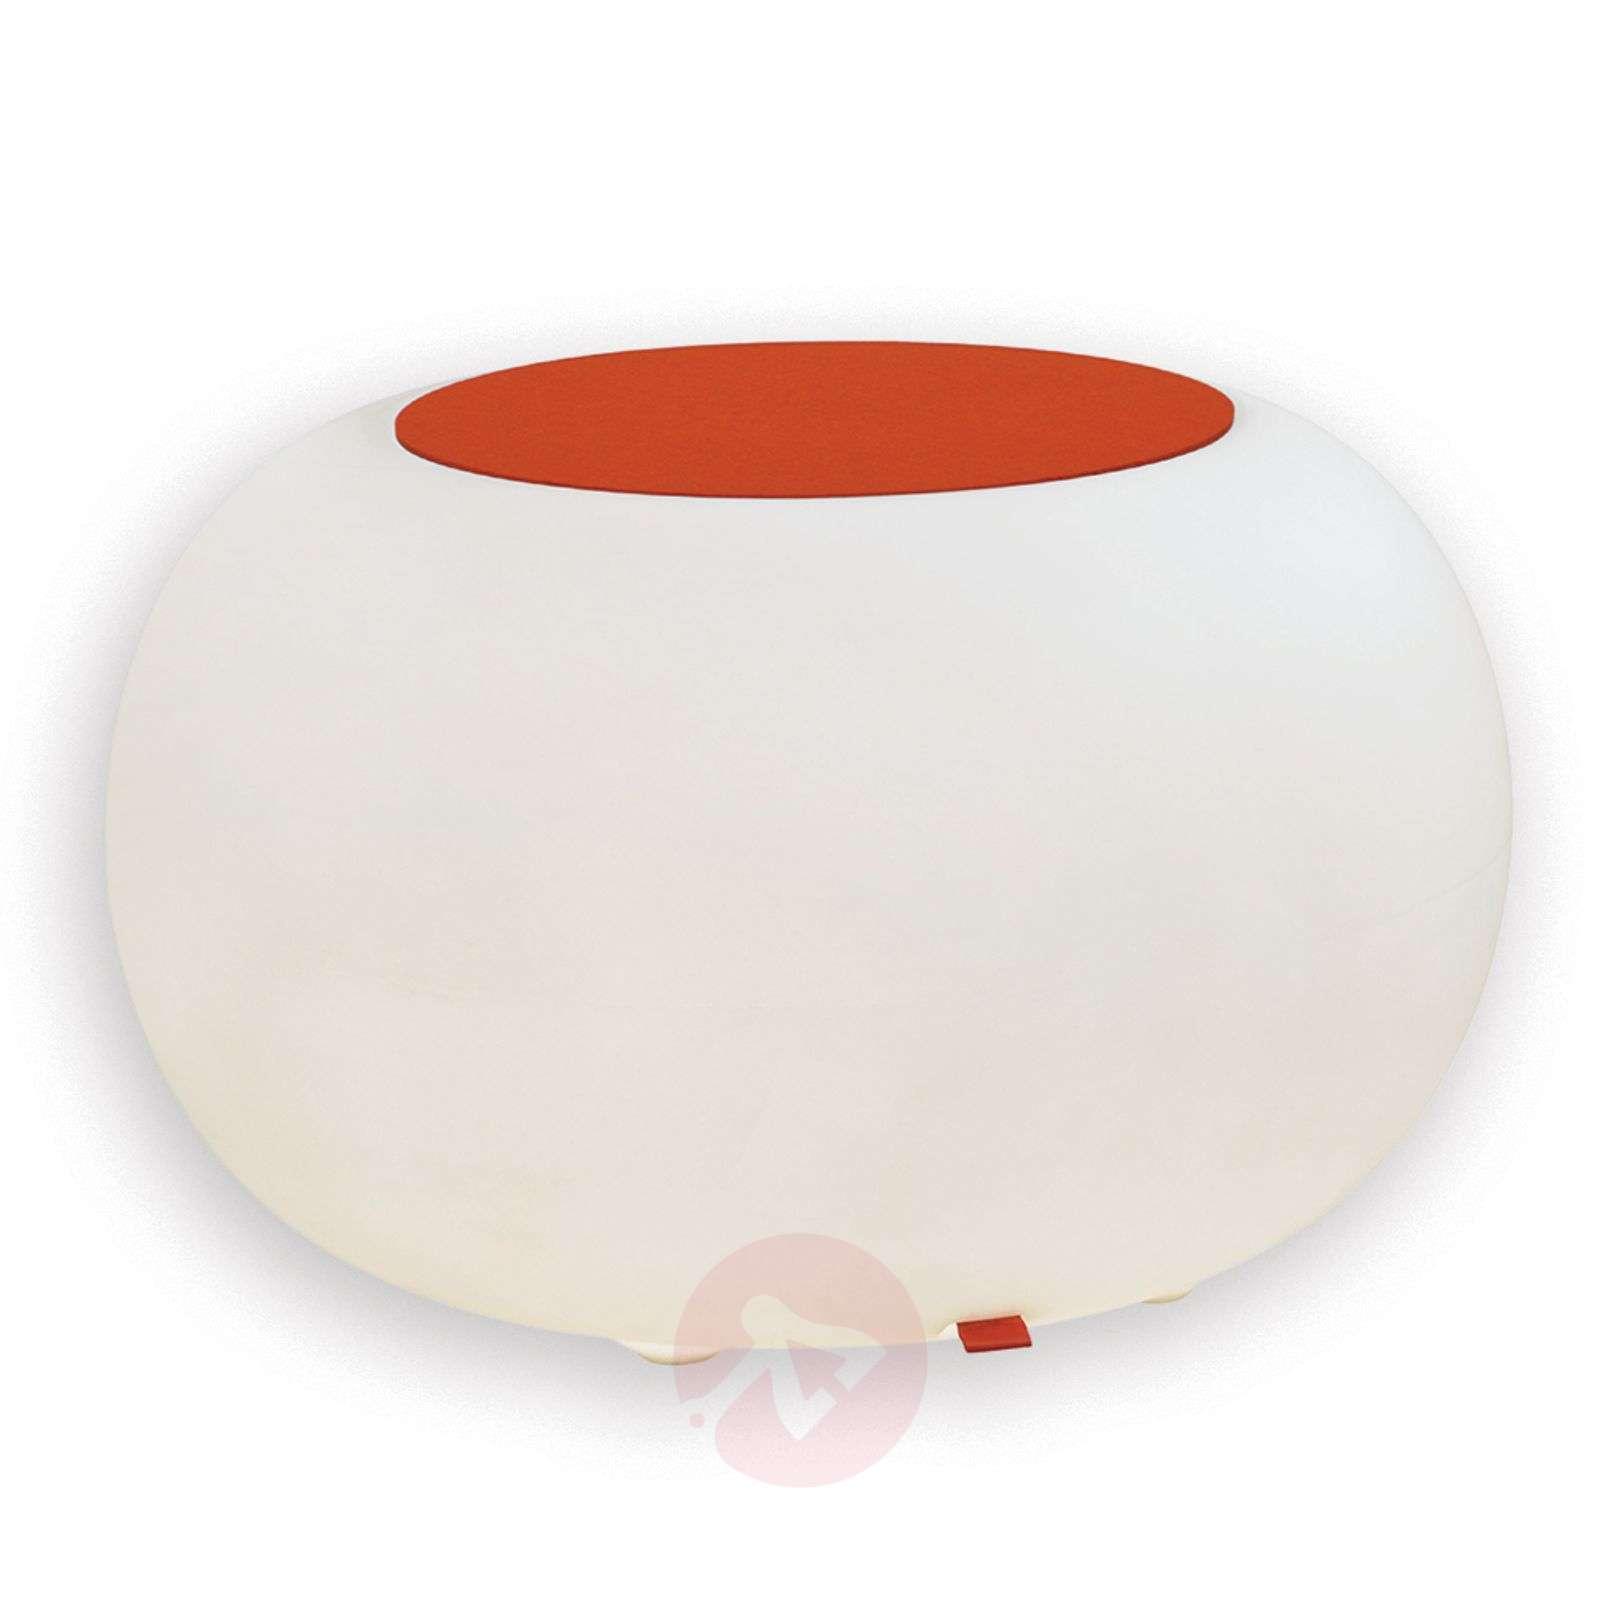 Bubble Outdoor pöytä valo valkoinen huopa oranssi-6537064-01